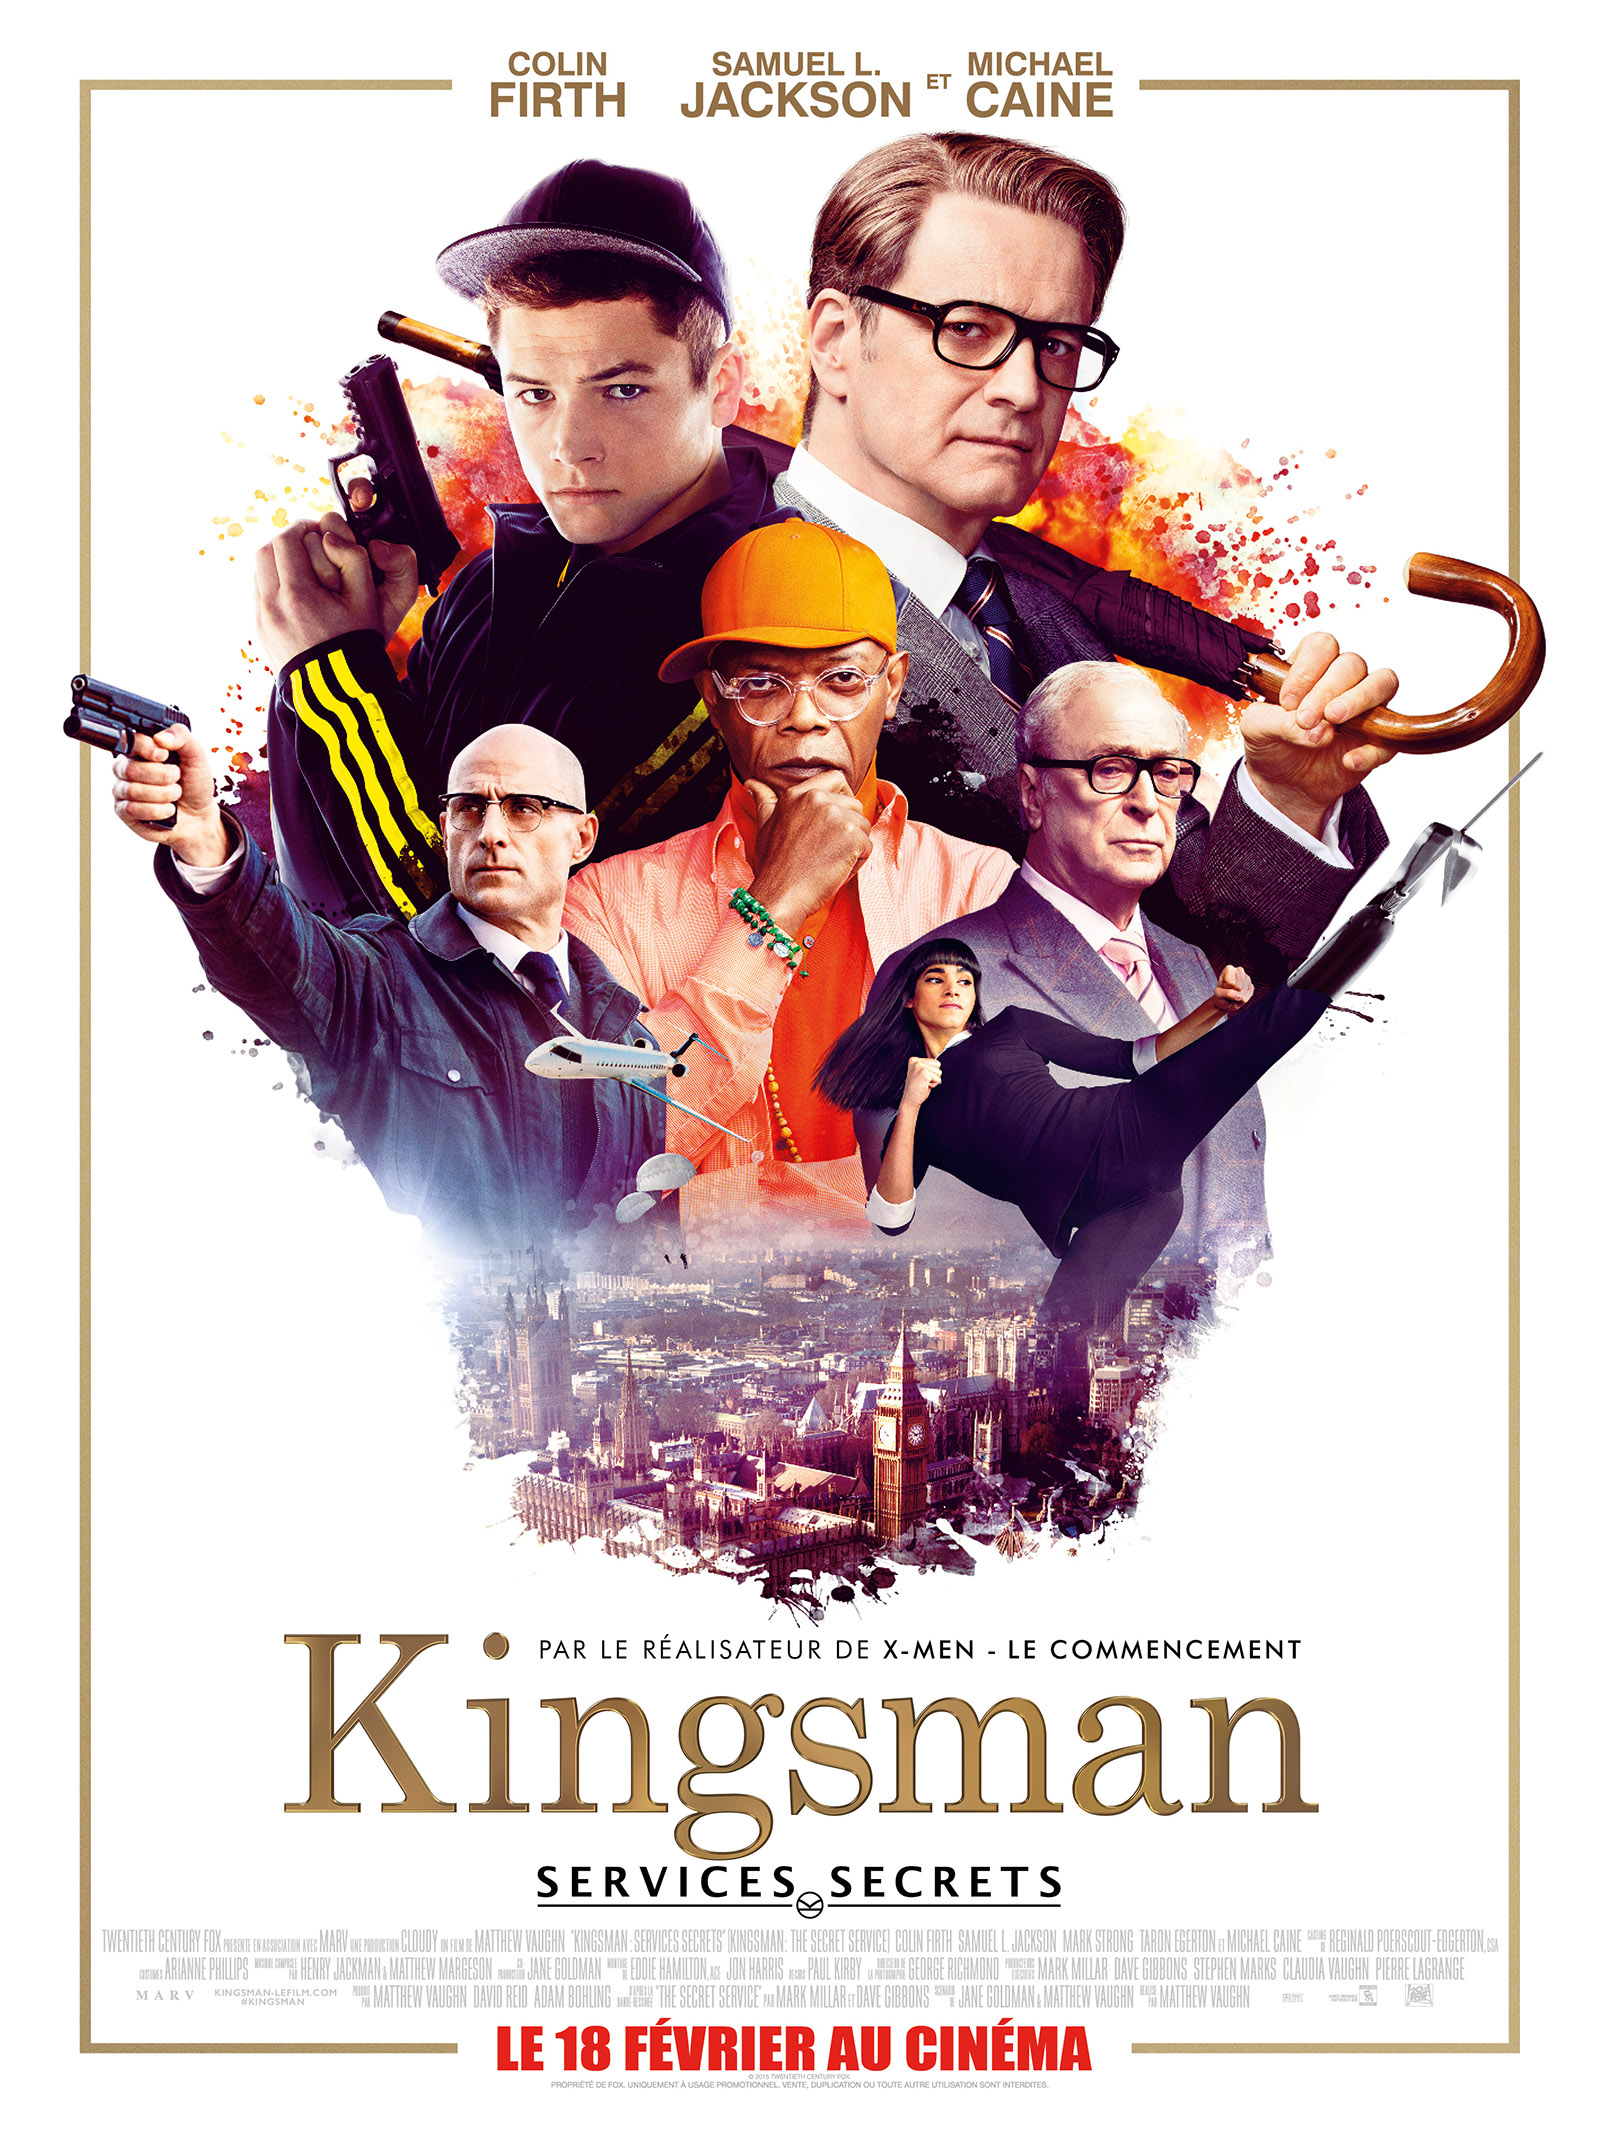 Kingsman : Services secrets dvdrip